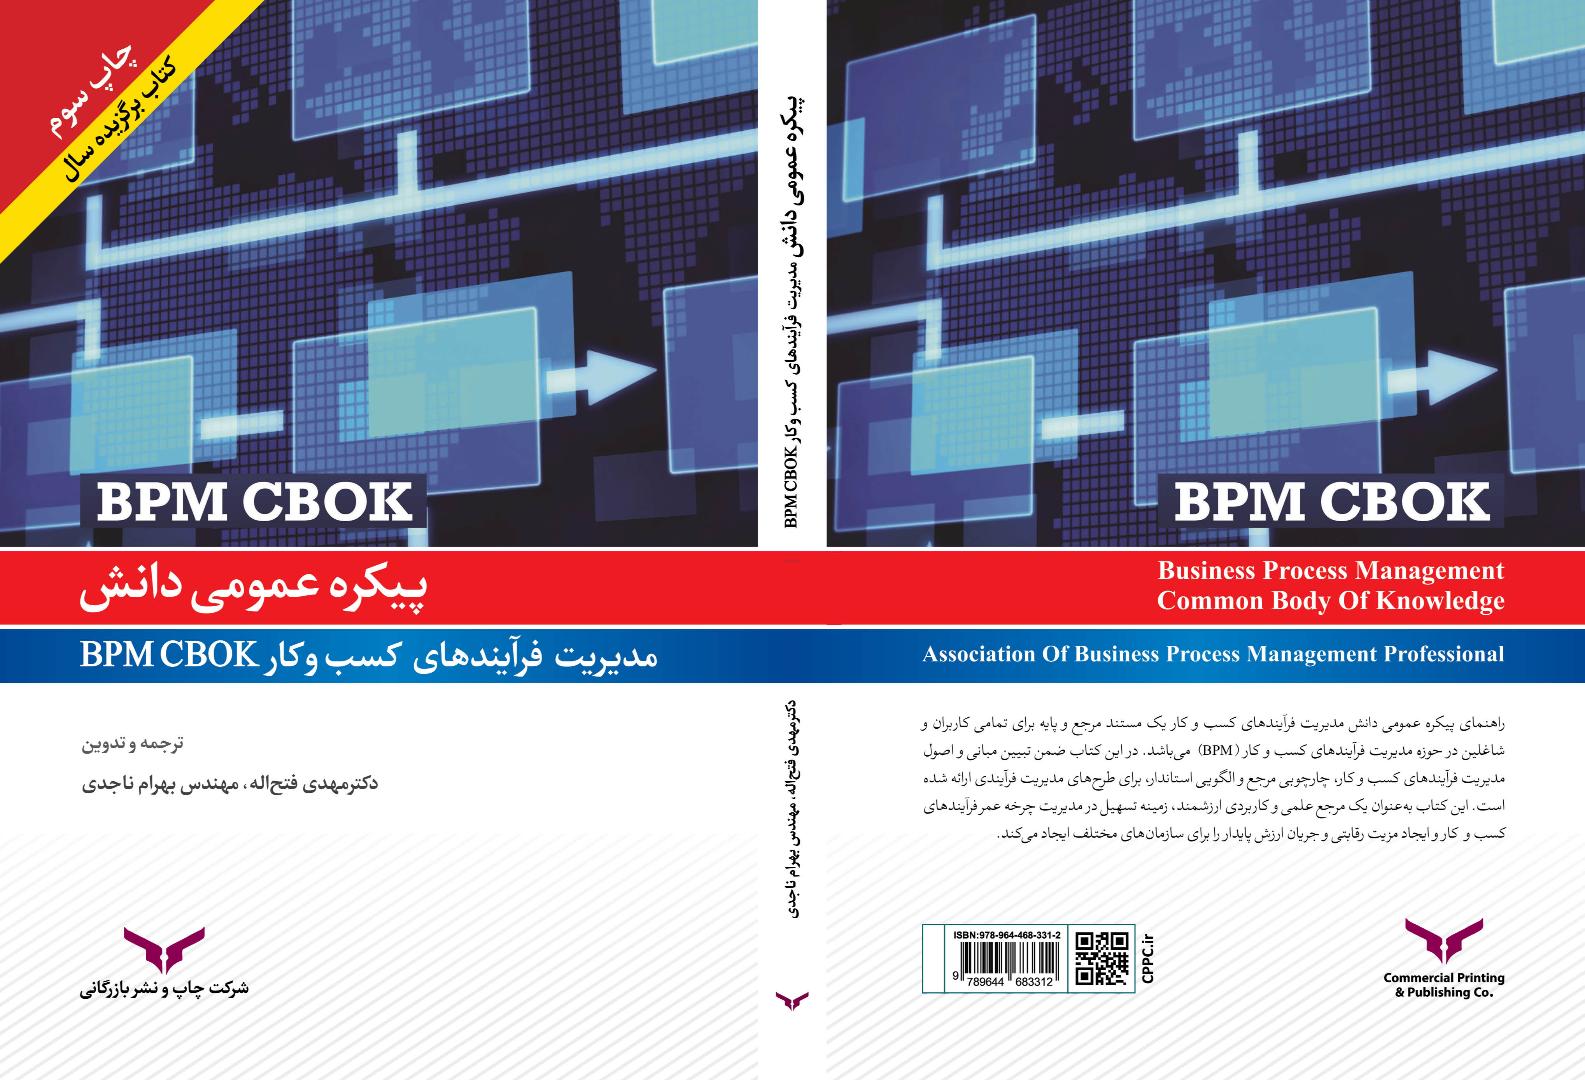 چاپ سوم کتاب پیکره عمومی دانش مدیریت فرایندهای سازمان-BPMCBOK